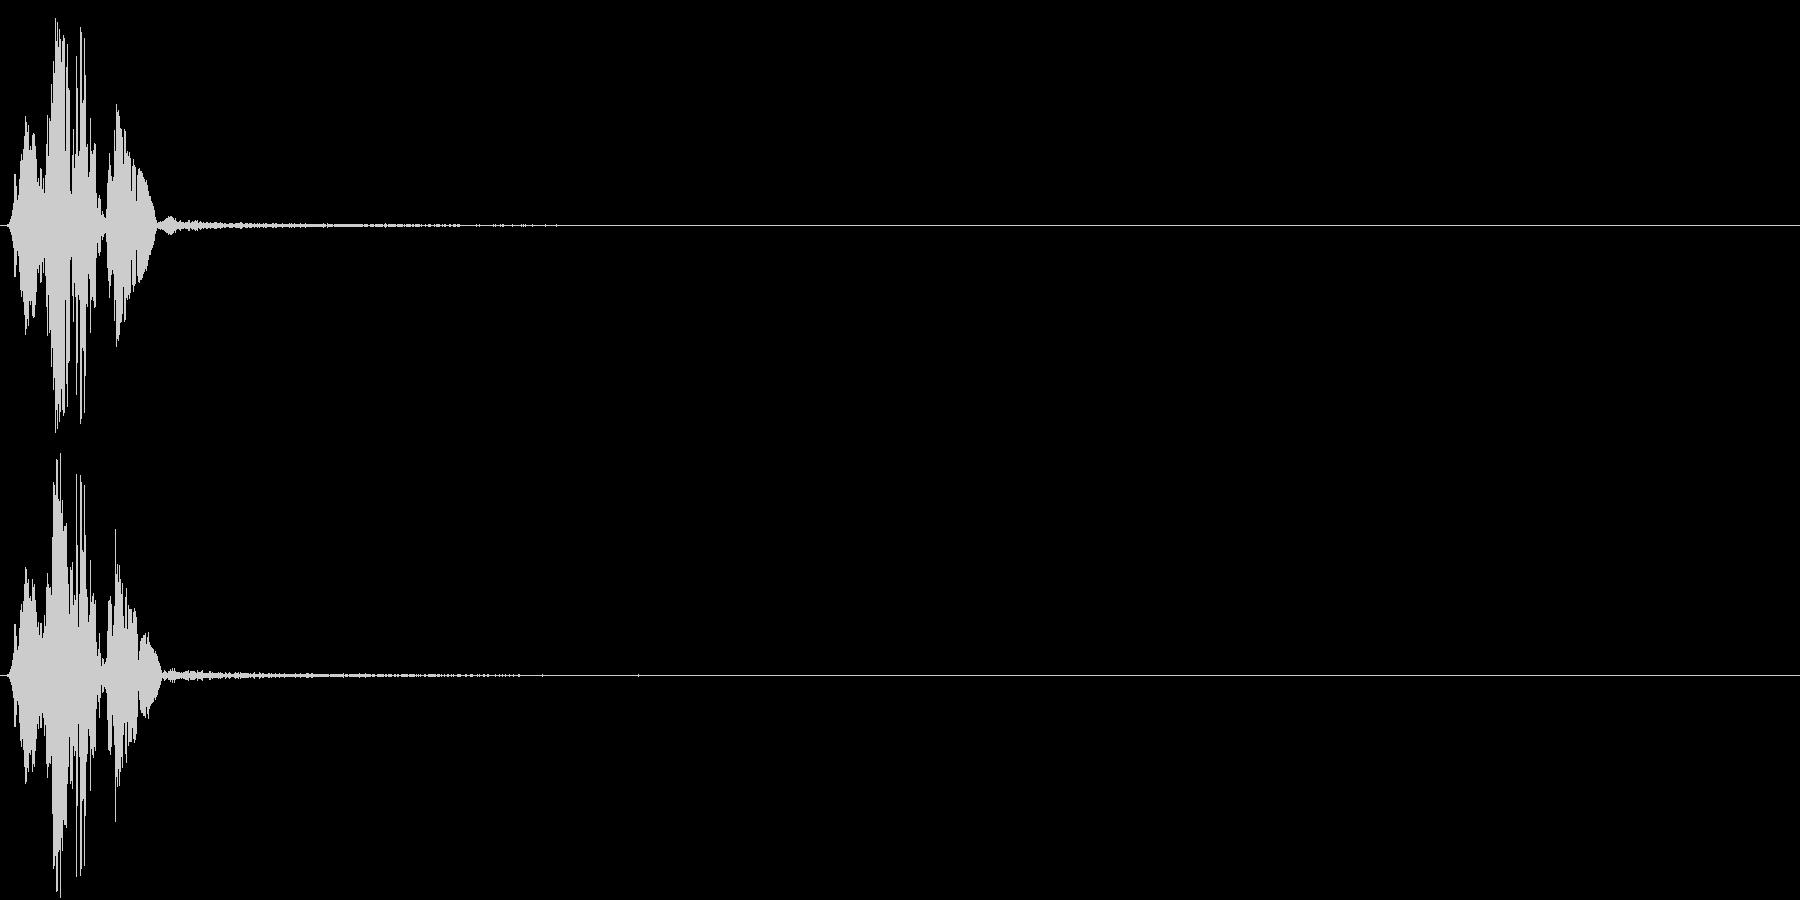 KAKUGE 格闘ゲーム戦闘音 24の未再生の波形